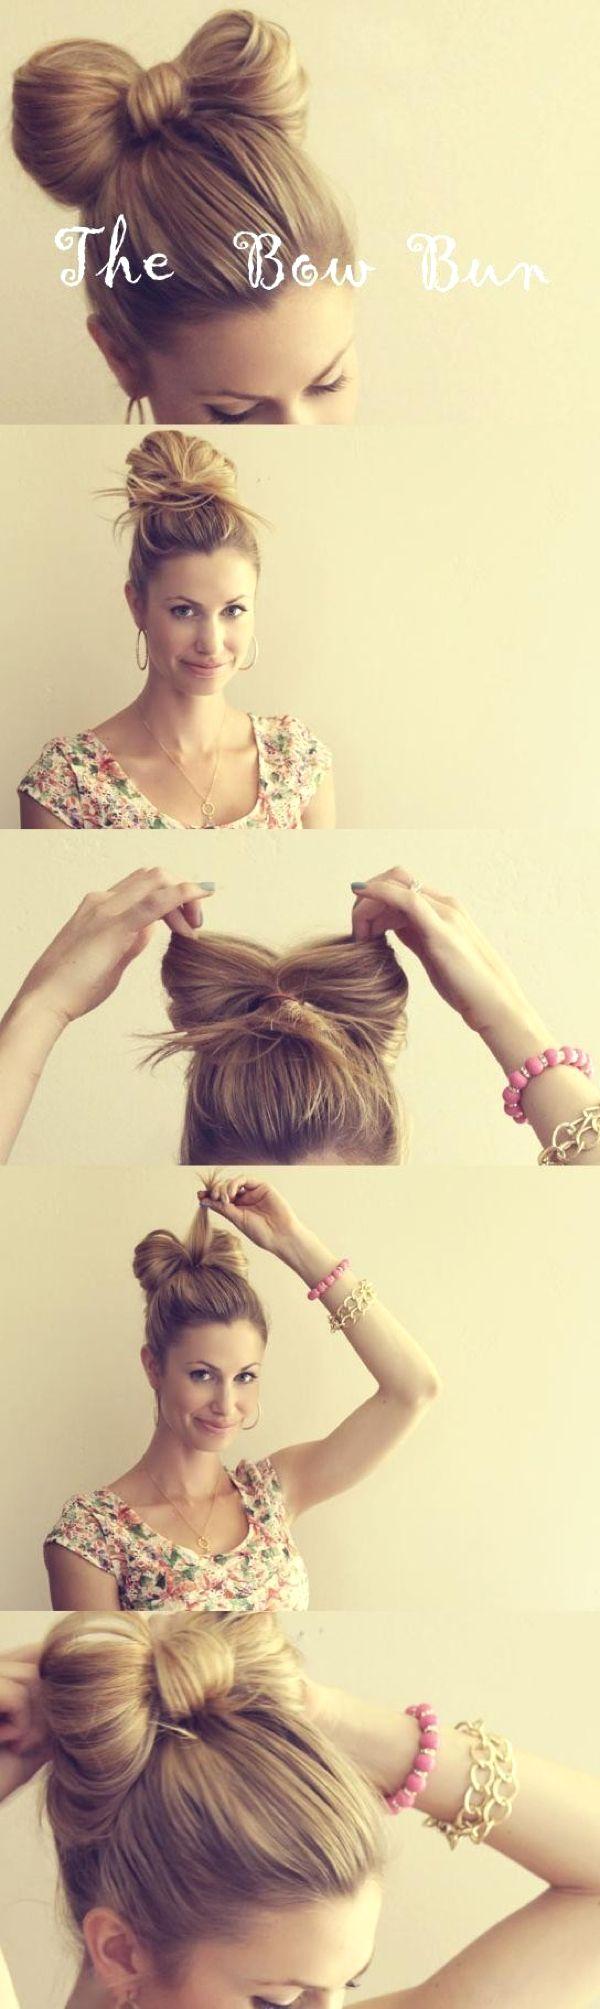 Hair style ideas the hair bow hair style pinterest girl hair